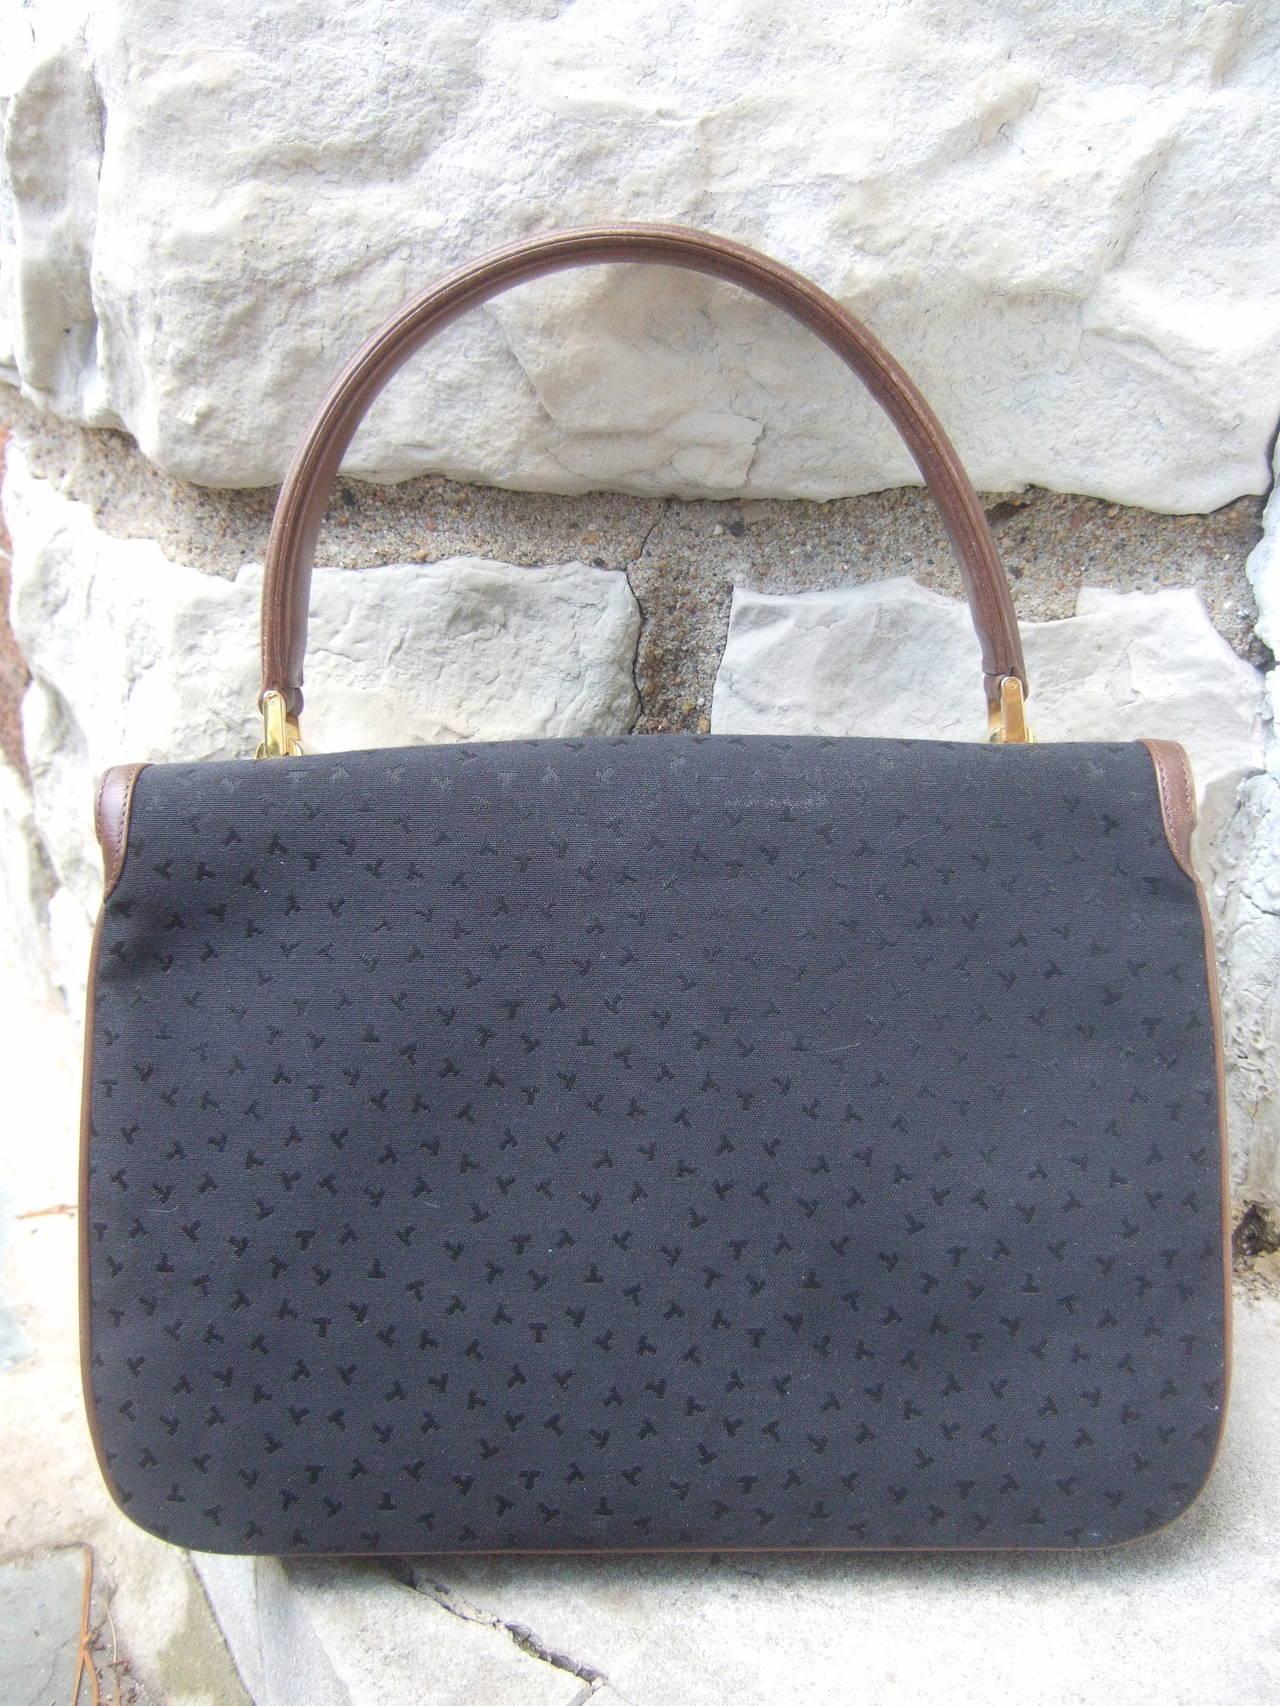 Tiffany & Company Black Canvas Handbag Made in Italy c 1980 For Sale 5